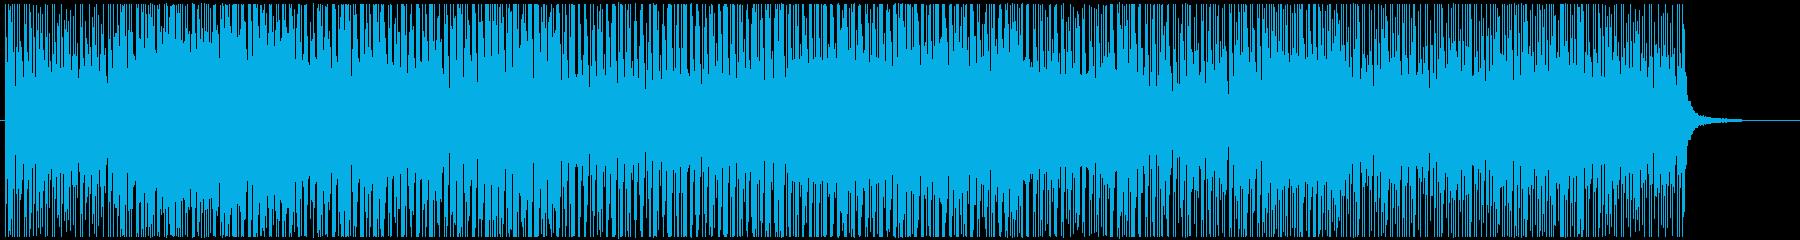 トロピカルなボサノバ風の再生済みの波形